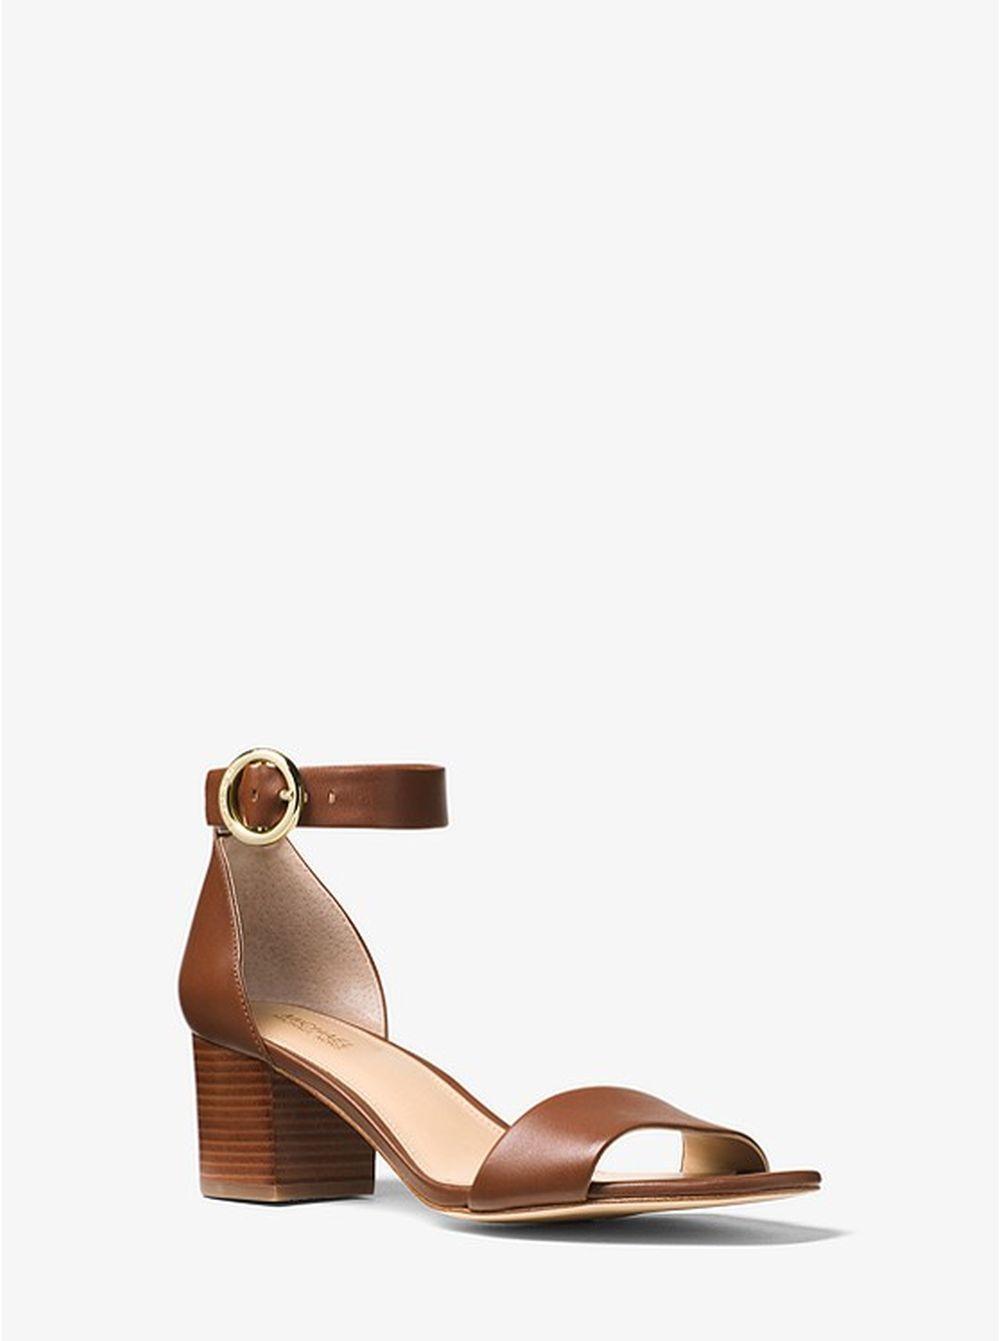 Sandalias de piel,  Michael Kors (105 euros).